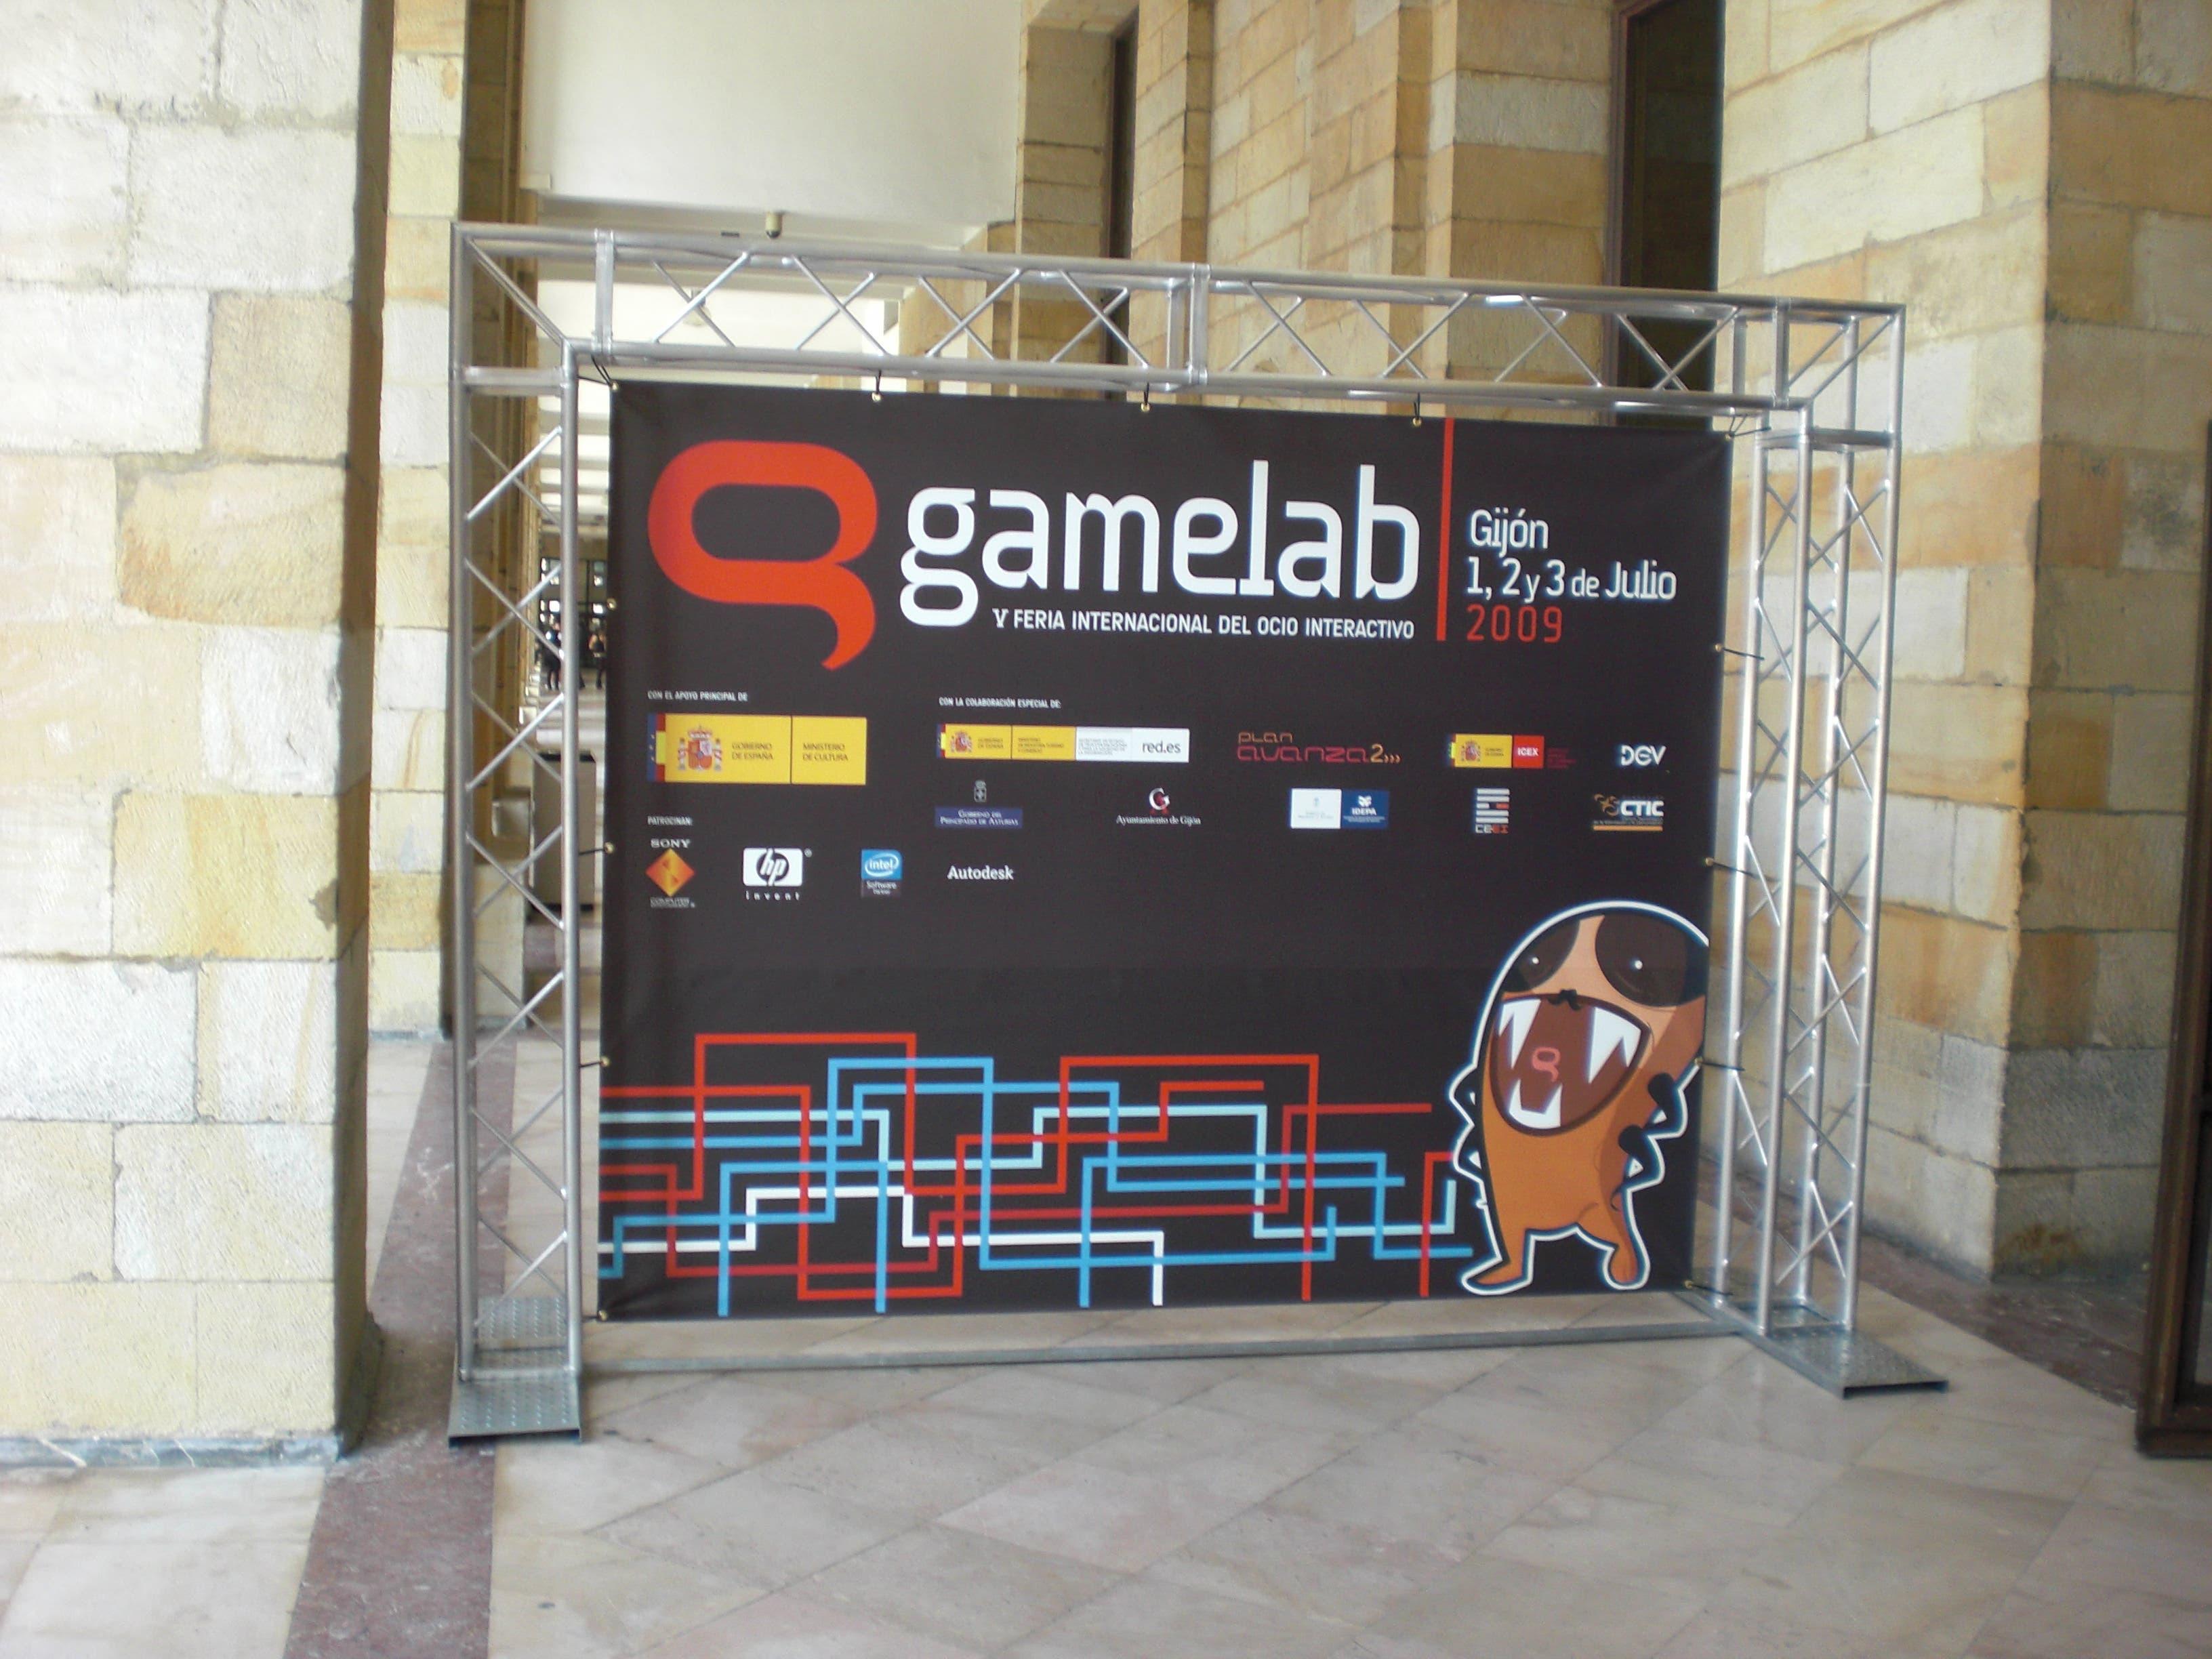 Gamelab presenta los últimos videojuegos del mercado y entrega de premios.